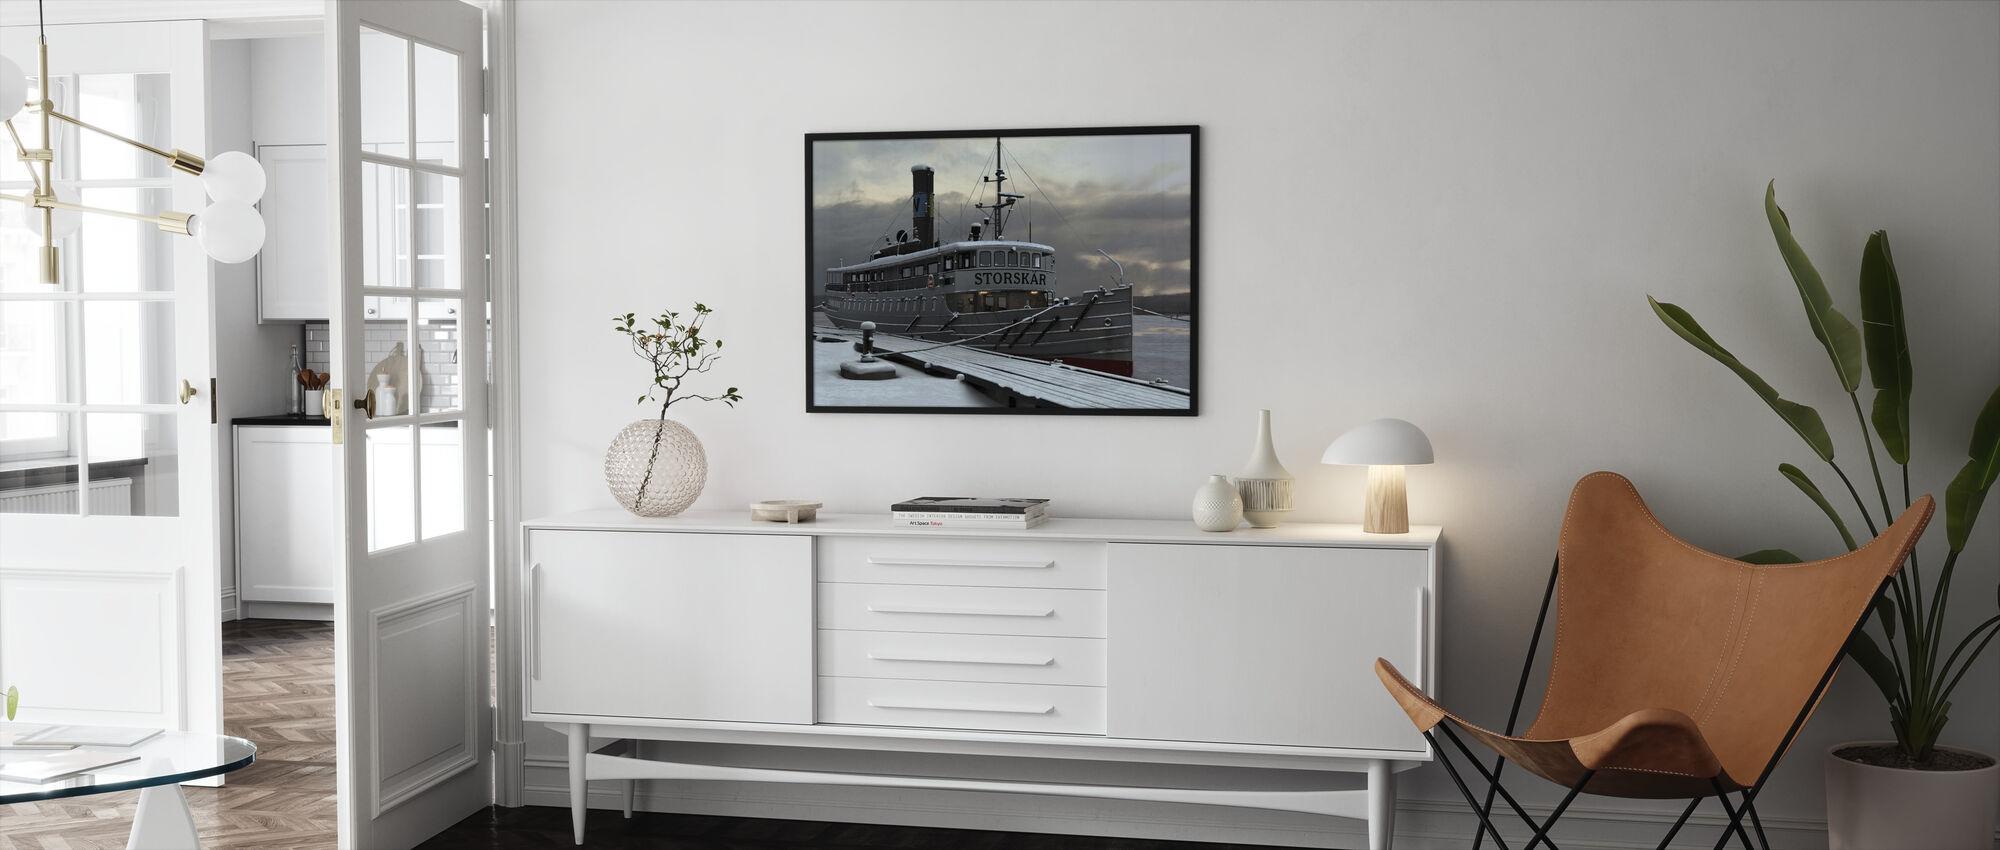 Waxholm Boat - Framed print - Living Room